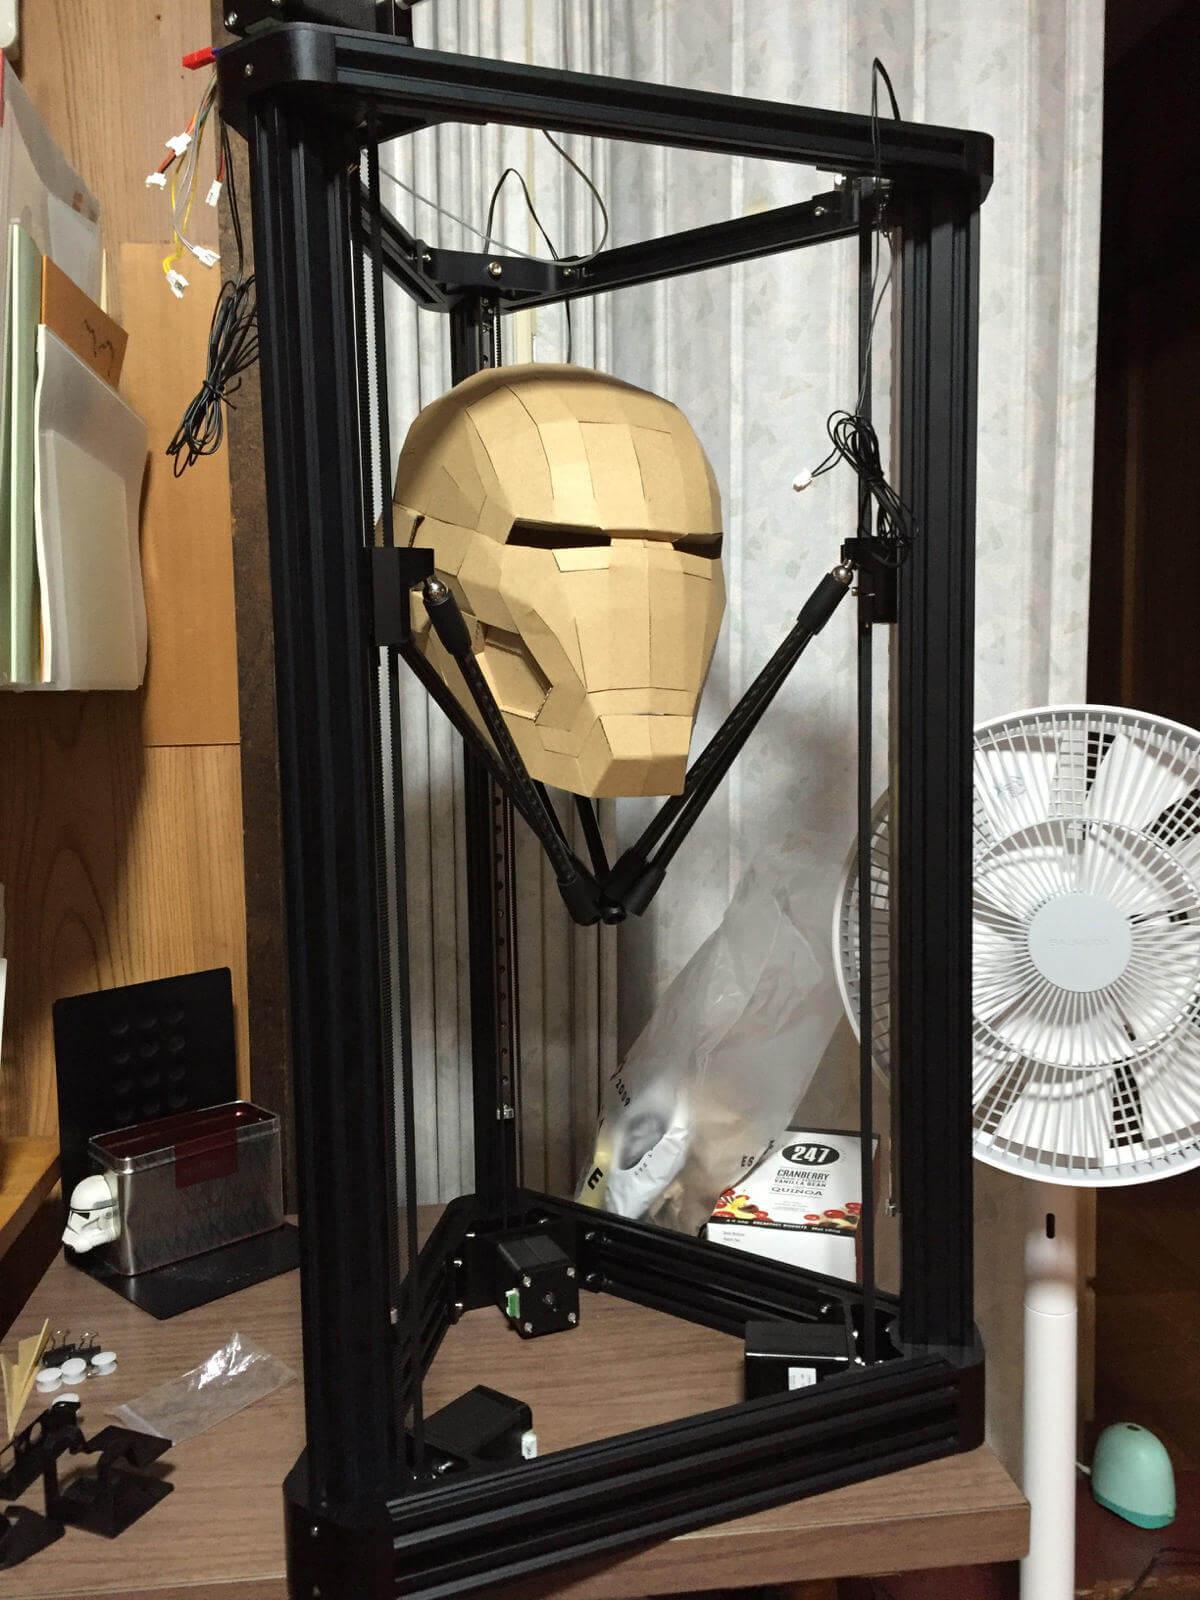 3DプリンタMAESTRO、説明書を見ながら組み立て完了!